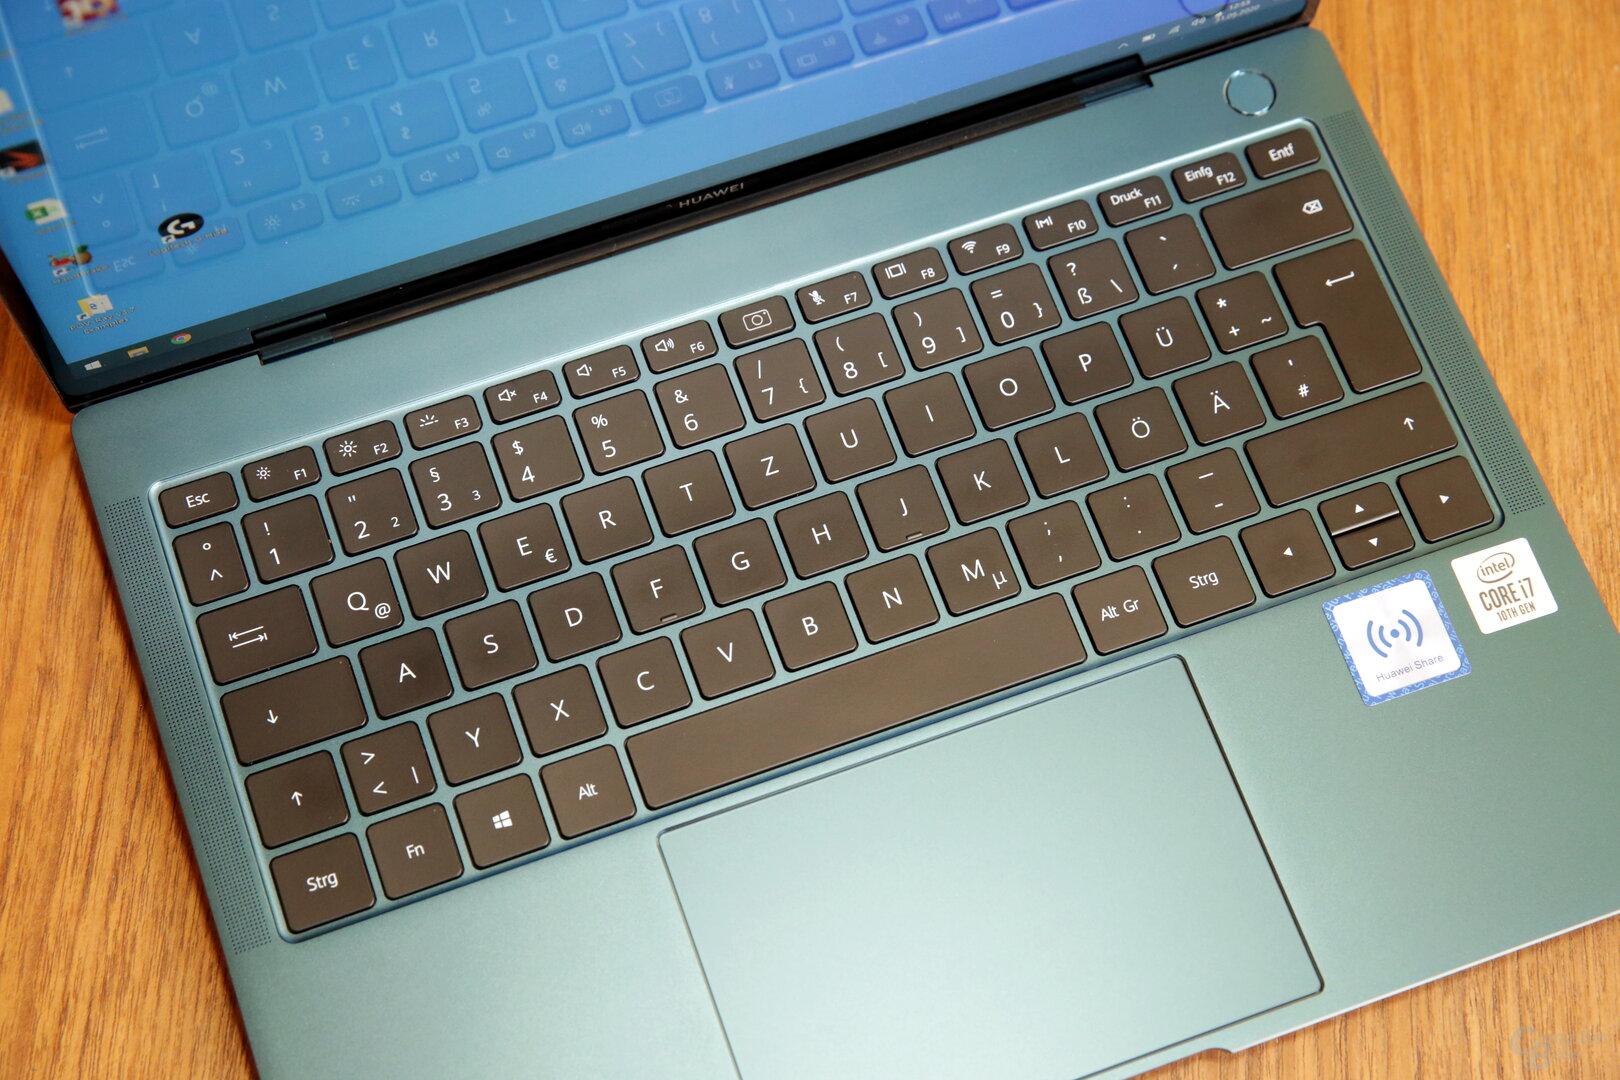 Flache Tastatur mit gutem Schreibgefühl